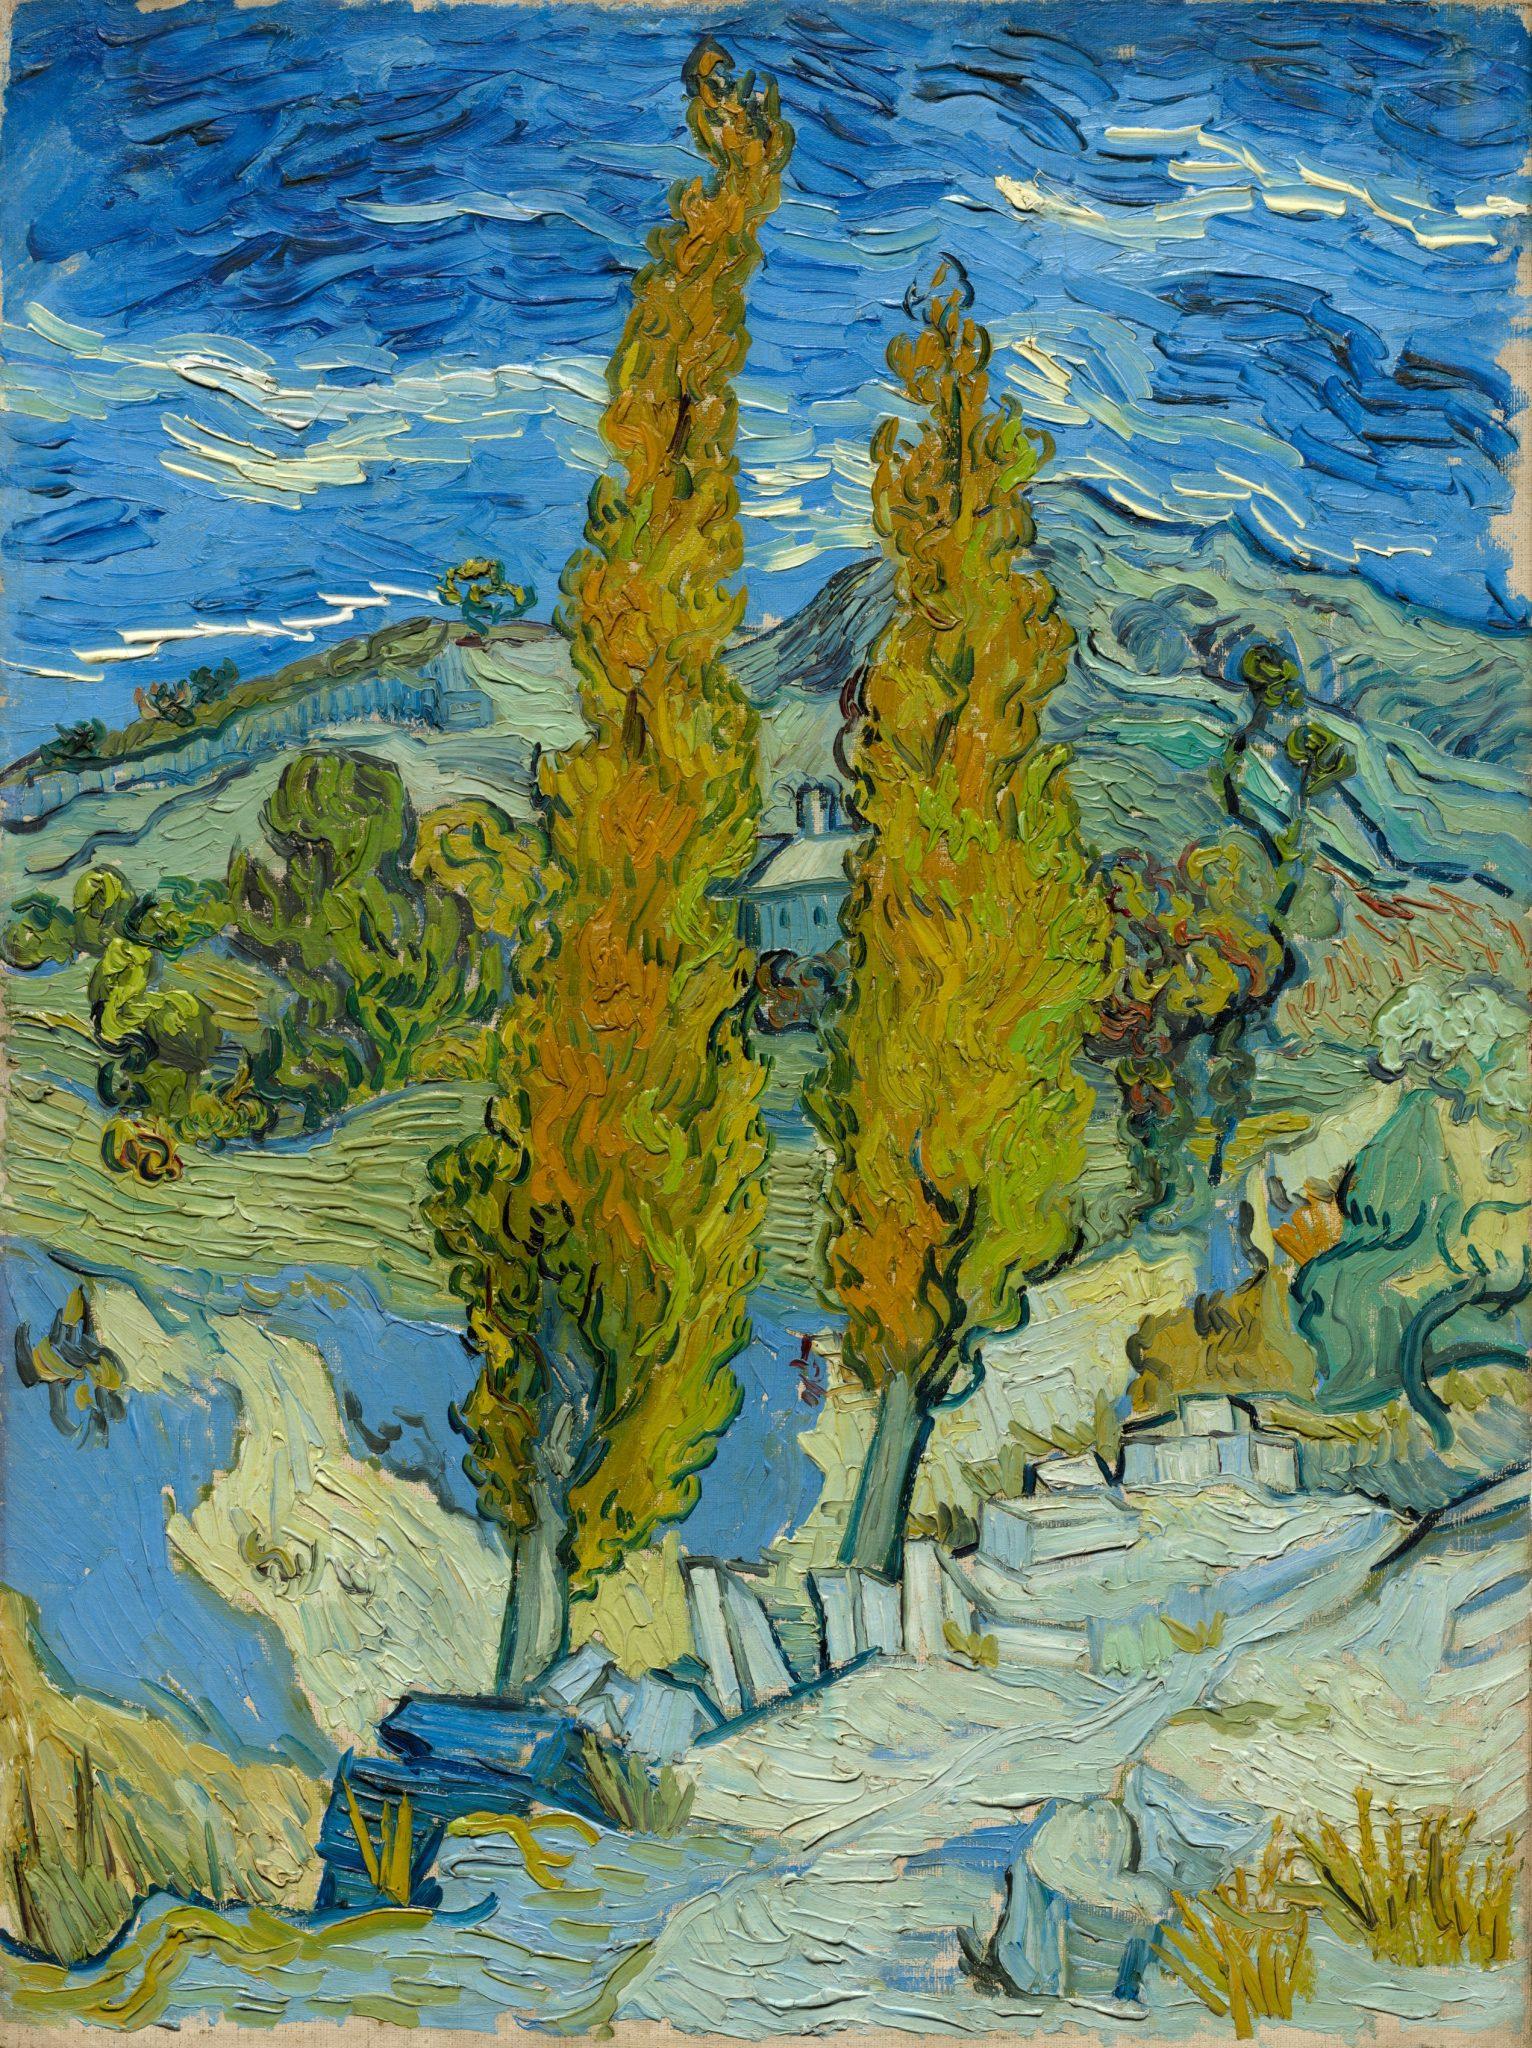 Ons assortiment schilderijen van Vincent van Gogh